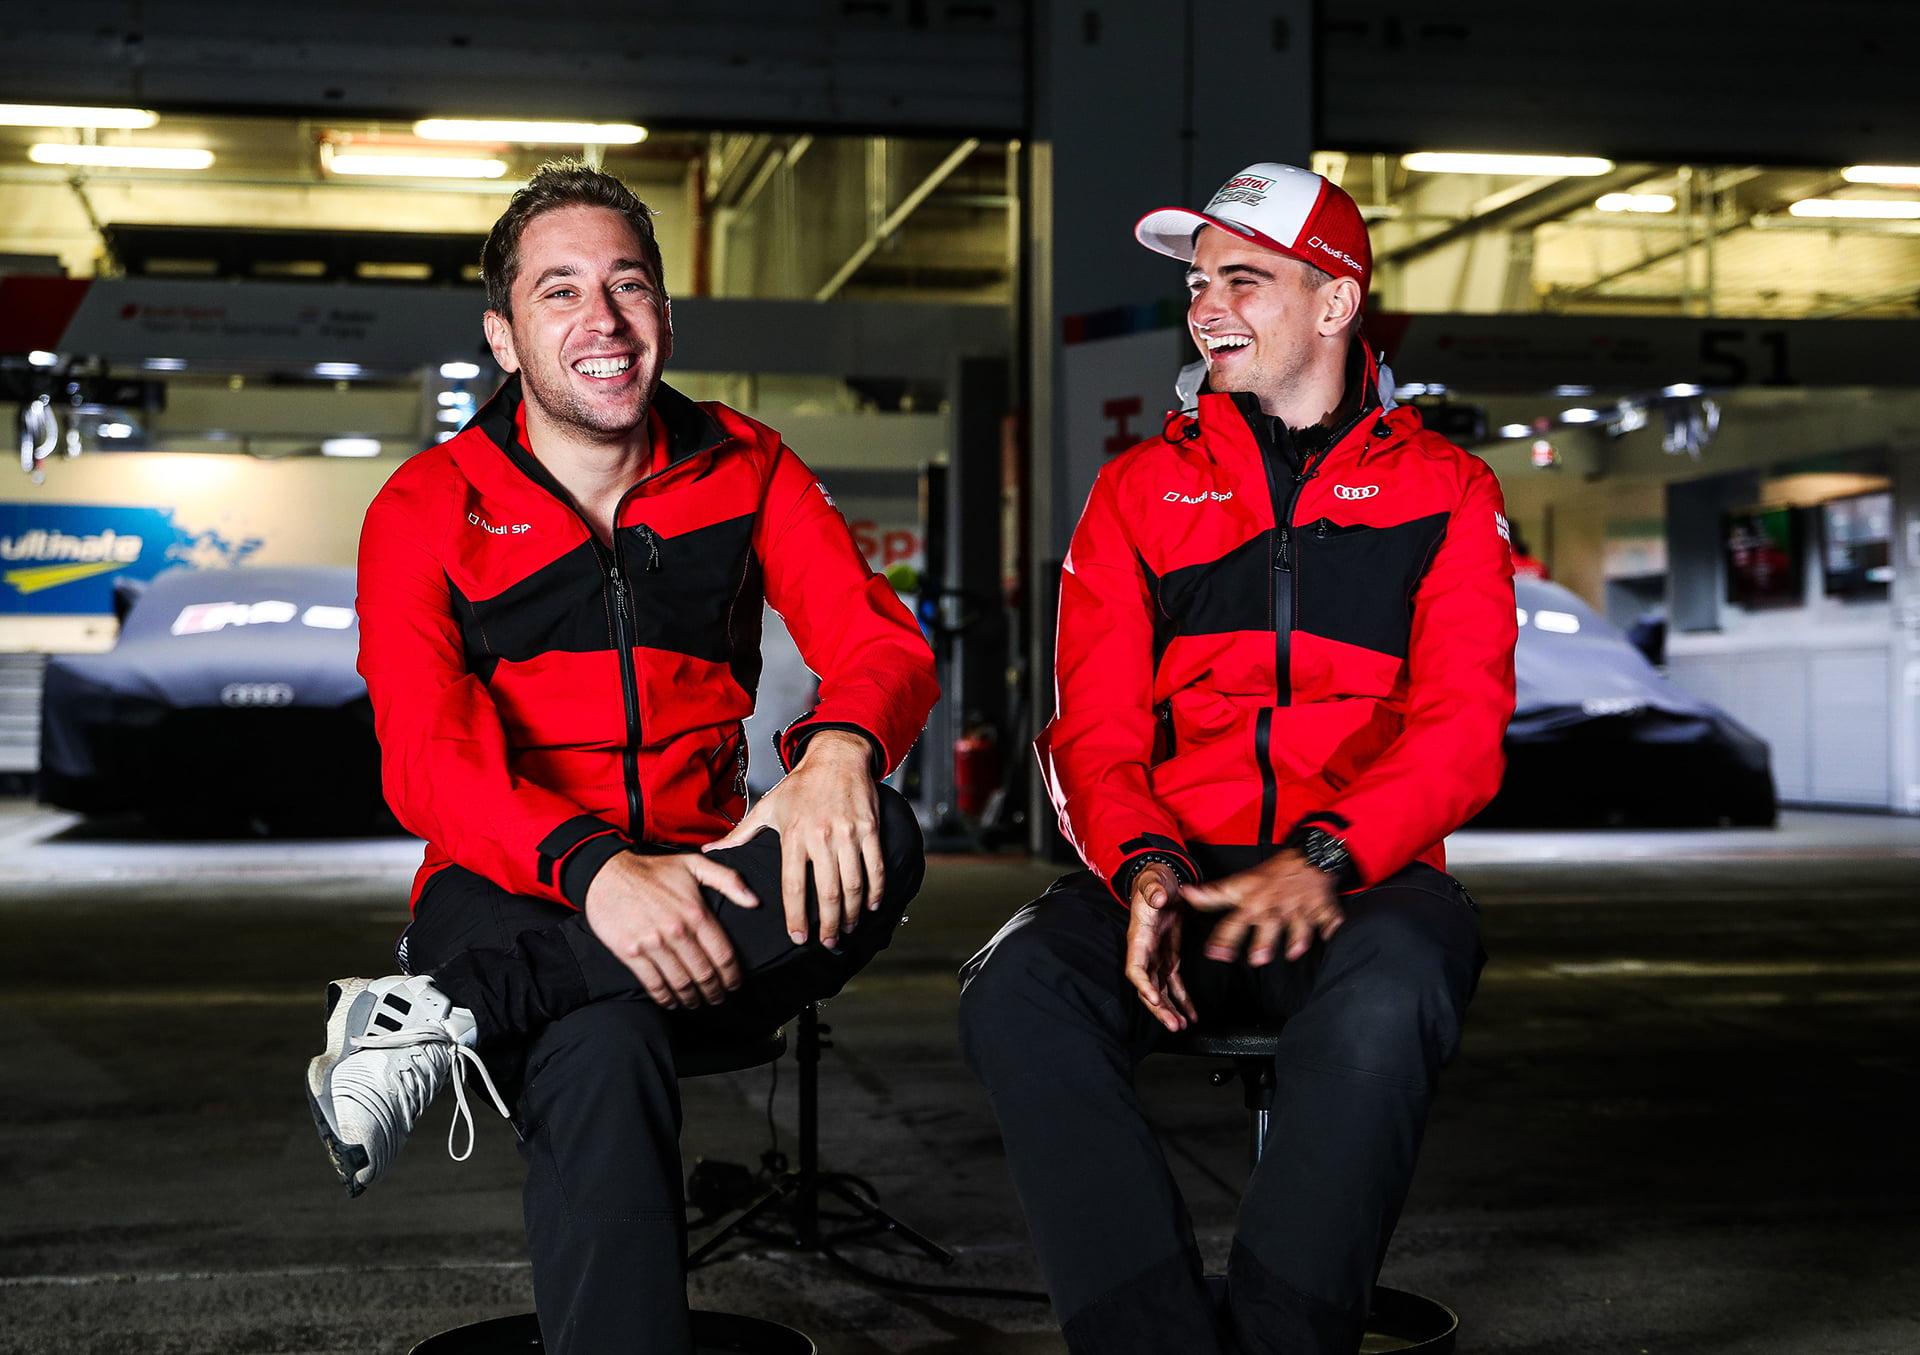 Frinjs y Müller son grandes amigos en la realidad